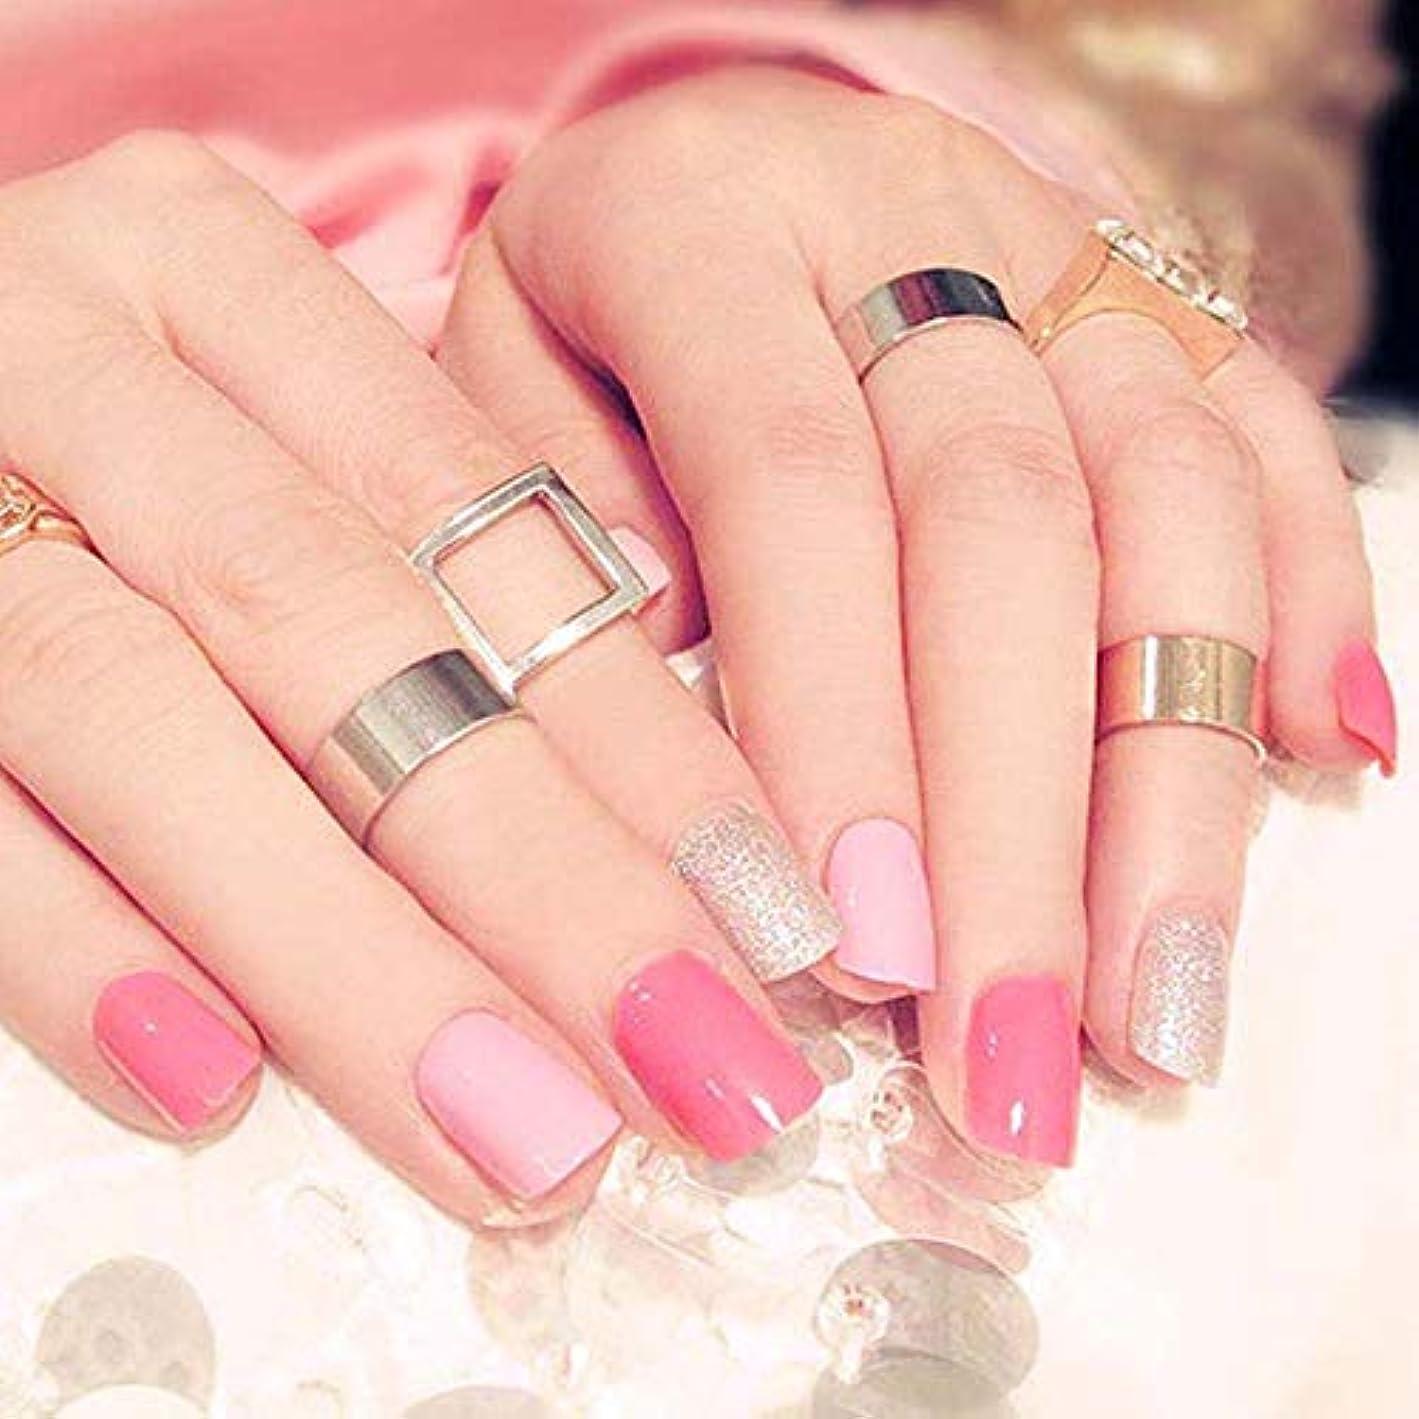 誰かコカインマウンドXUTXZKA 24ピースピンク色偽爪女性きらめきグリッターネイルアートのヒント短いサイズフルカバービルド爪